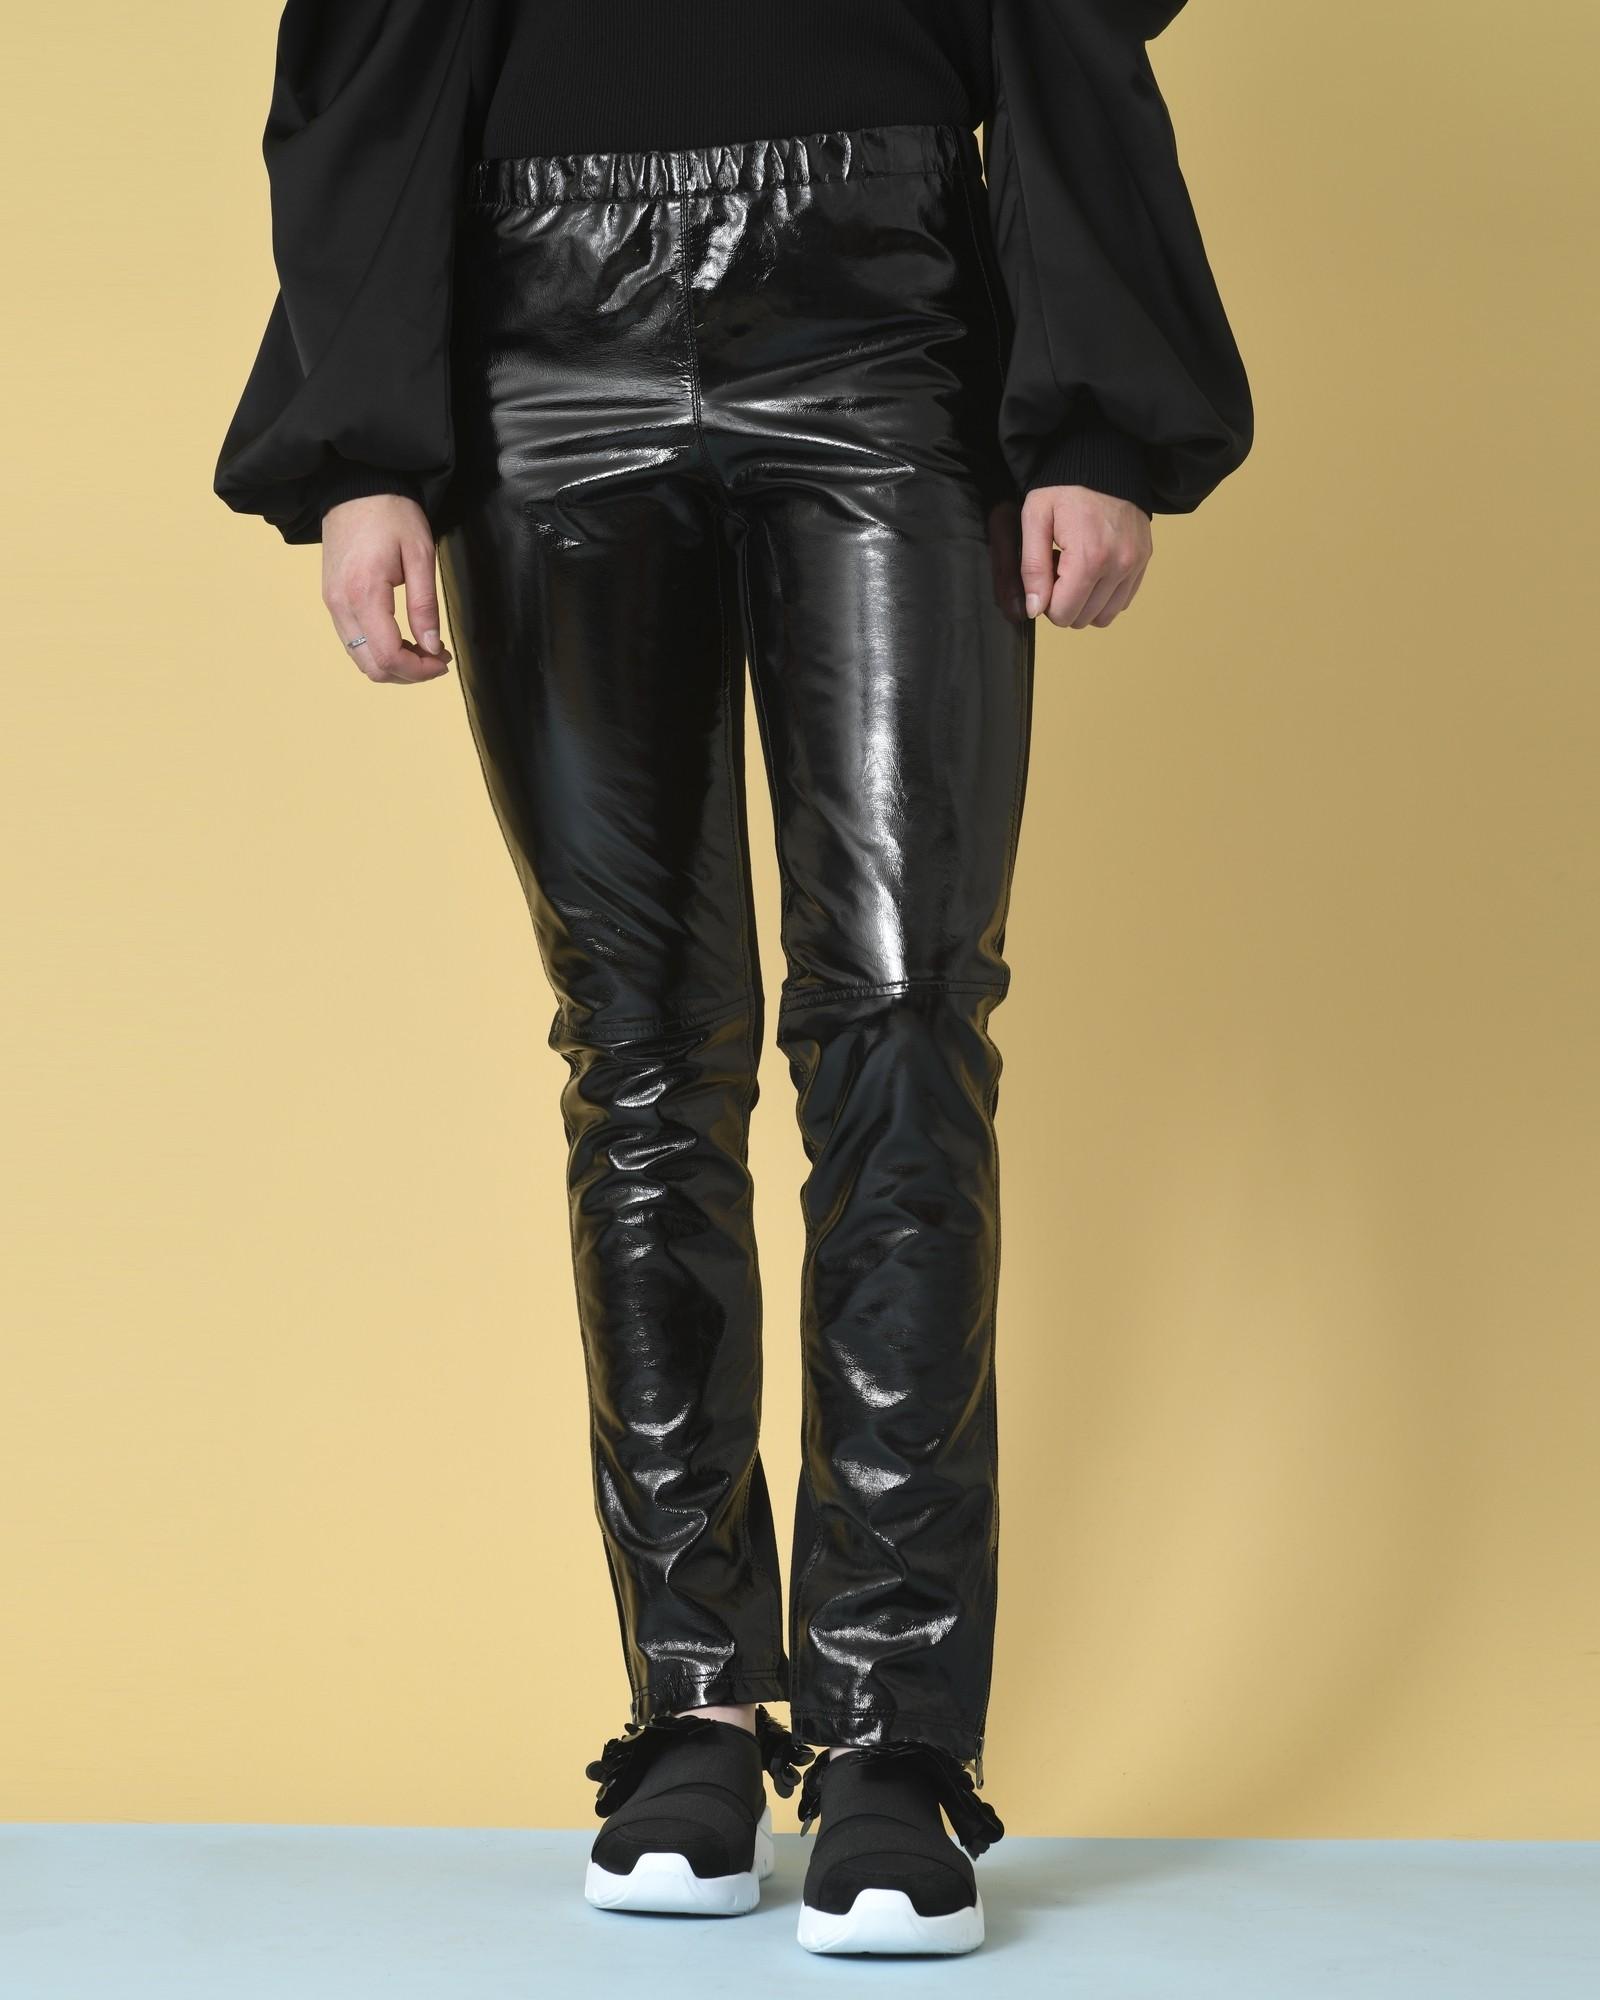 Pantalon bi-matière en cuir verni P.A.R.O.S.H